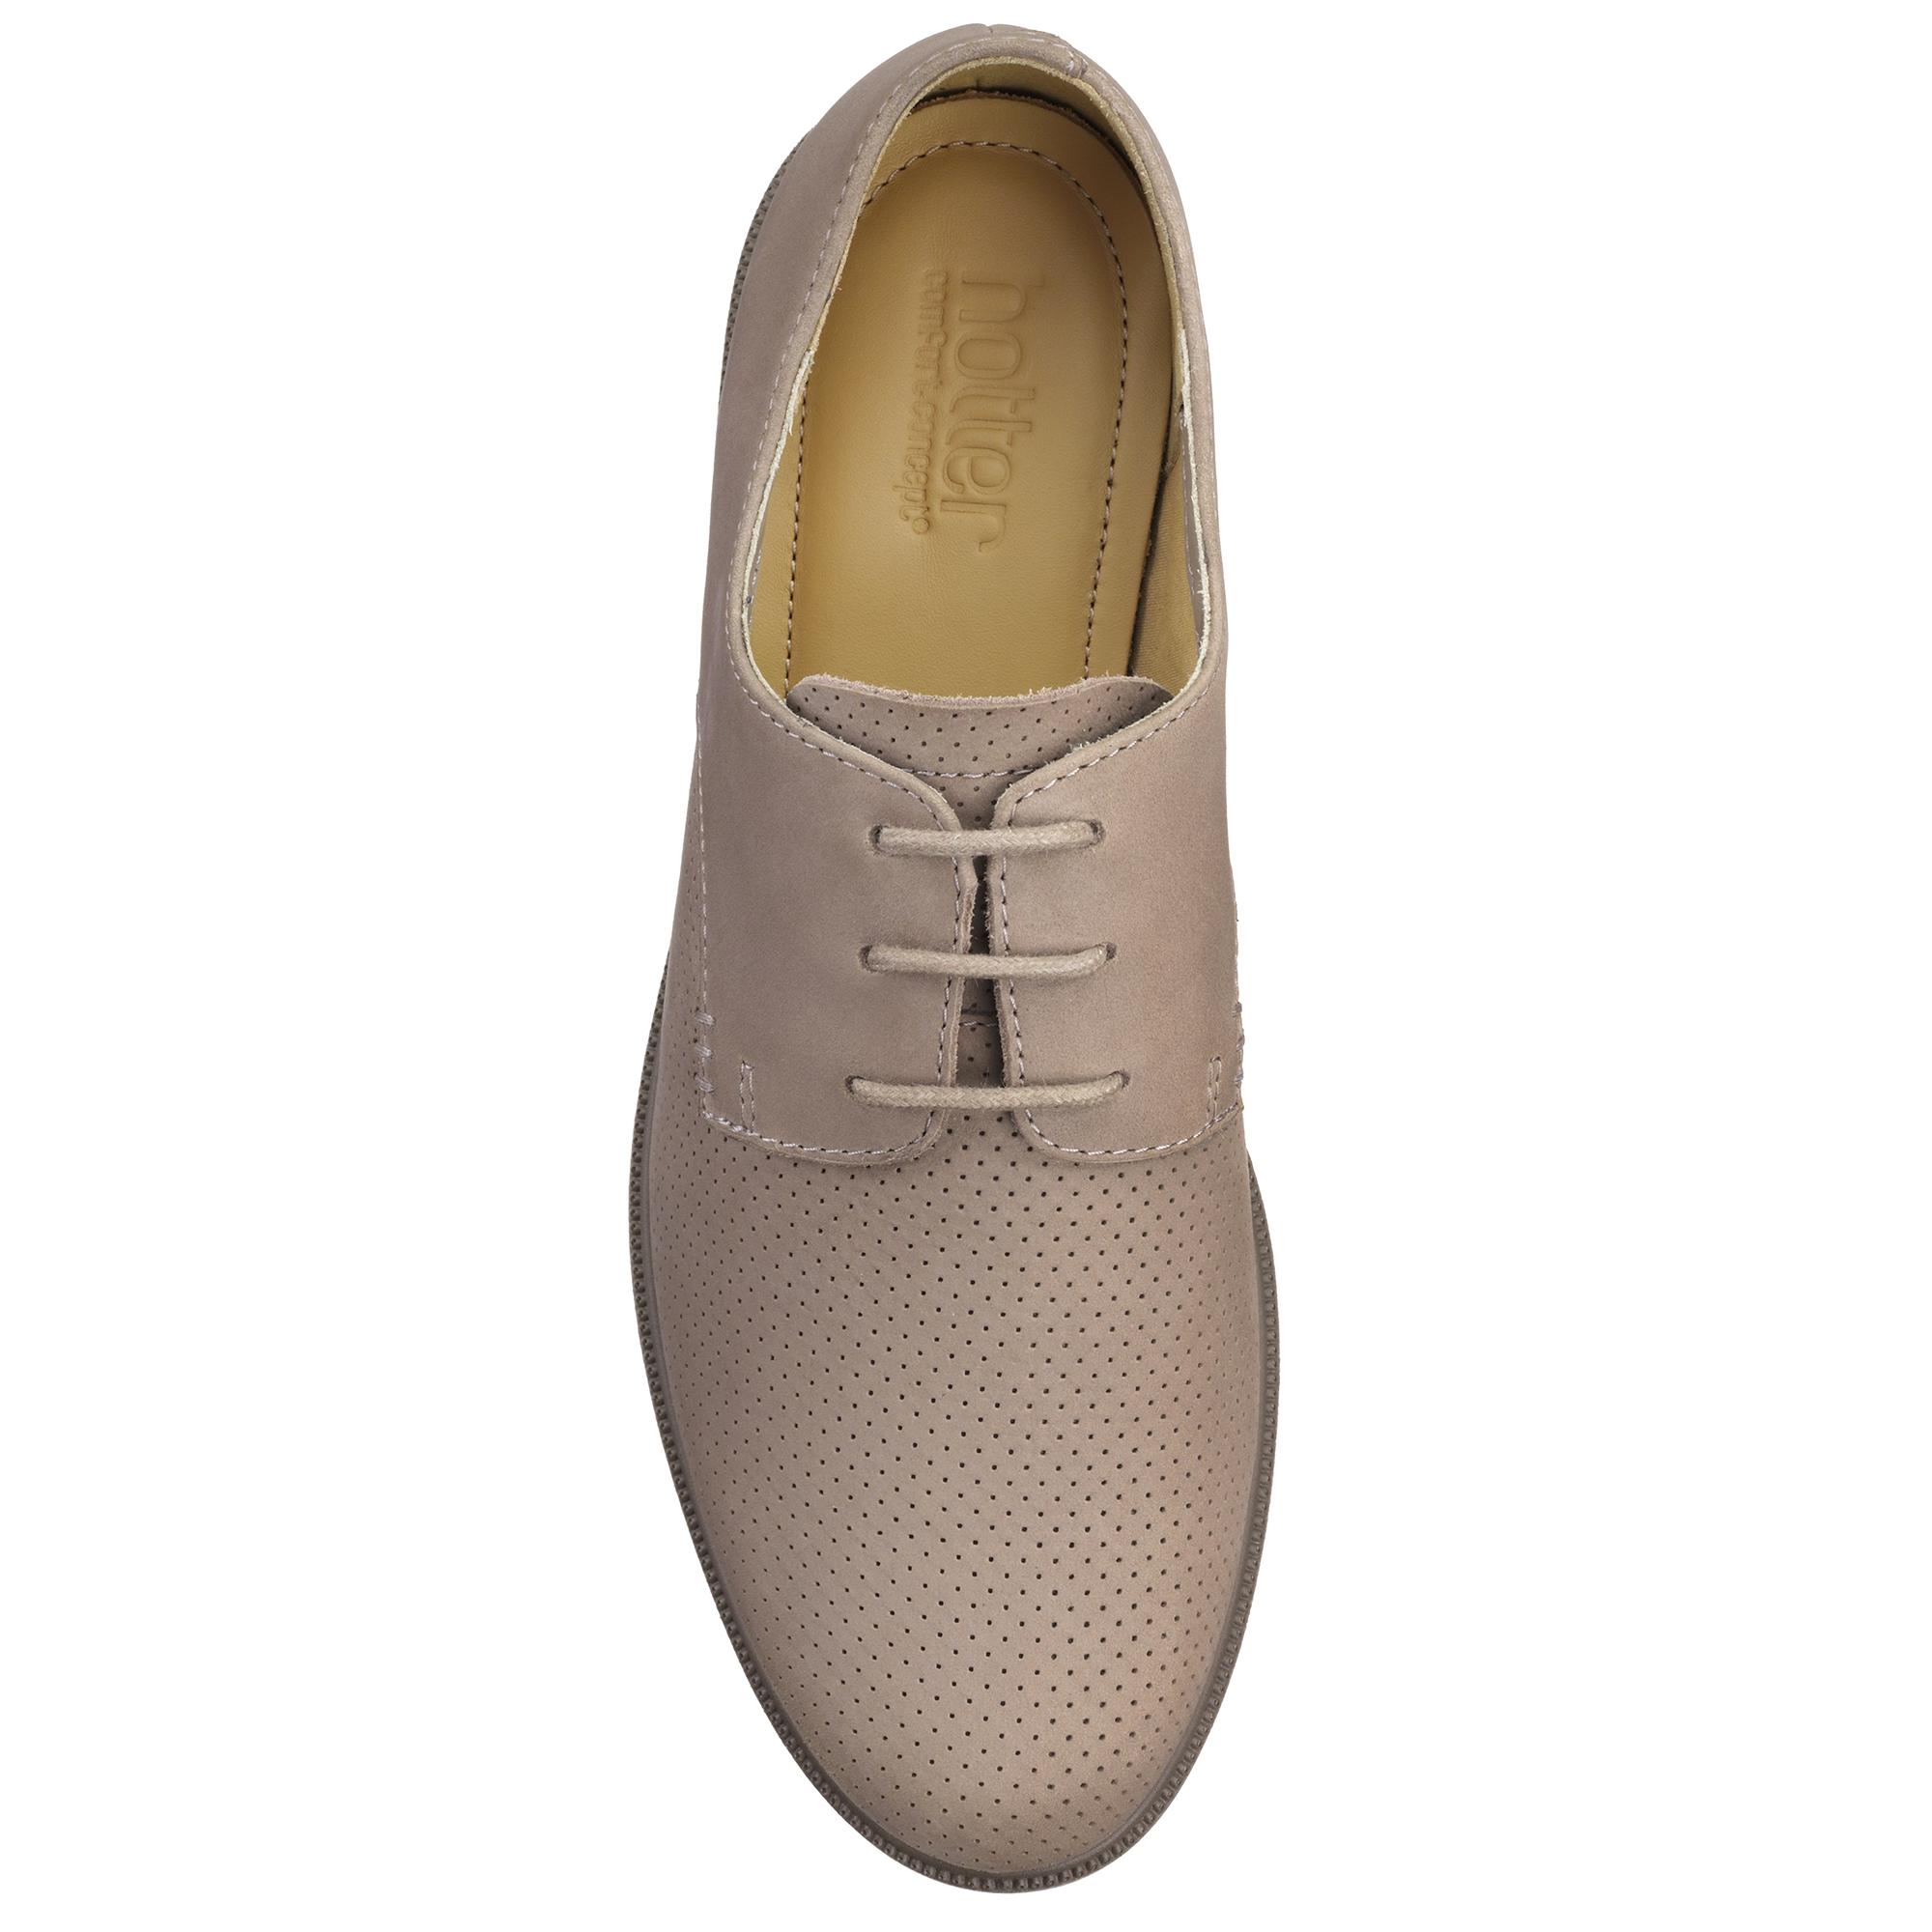 Hotter-Mujer-Cornwall-Senoras-Casual-Con-Cordones-Zapatos-Calzado-Zapatillas